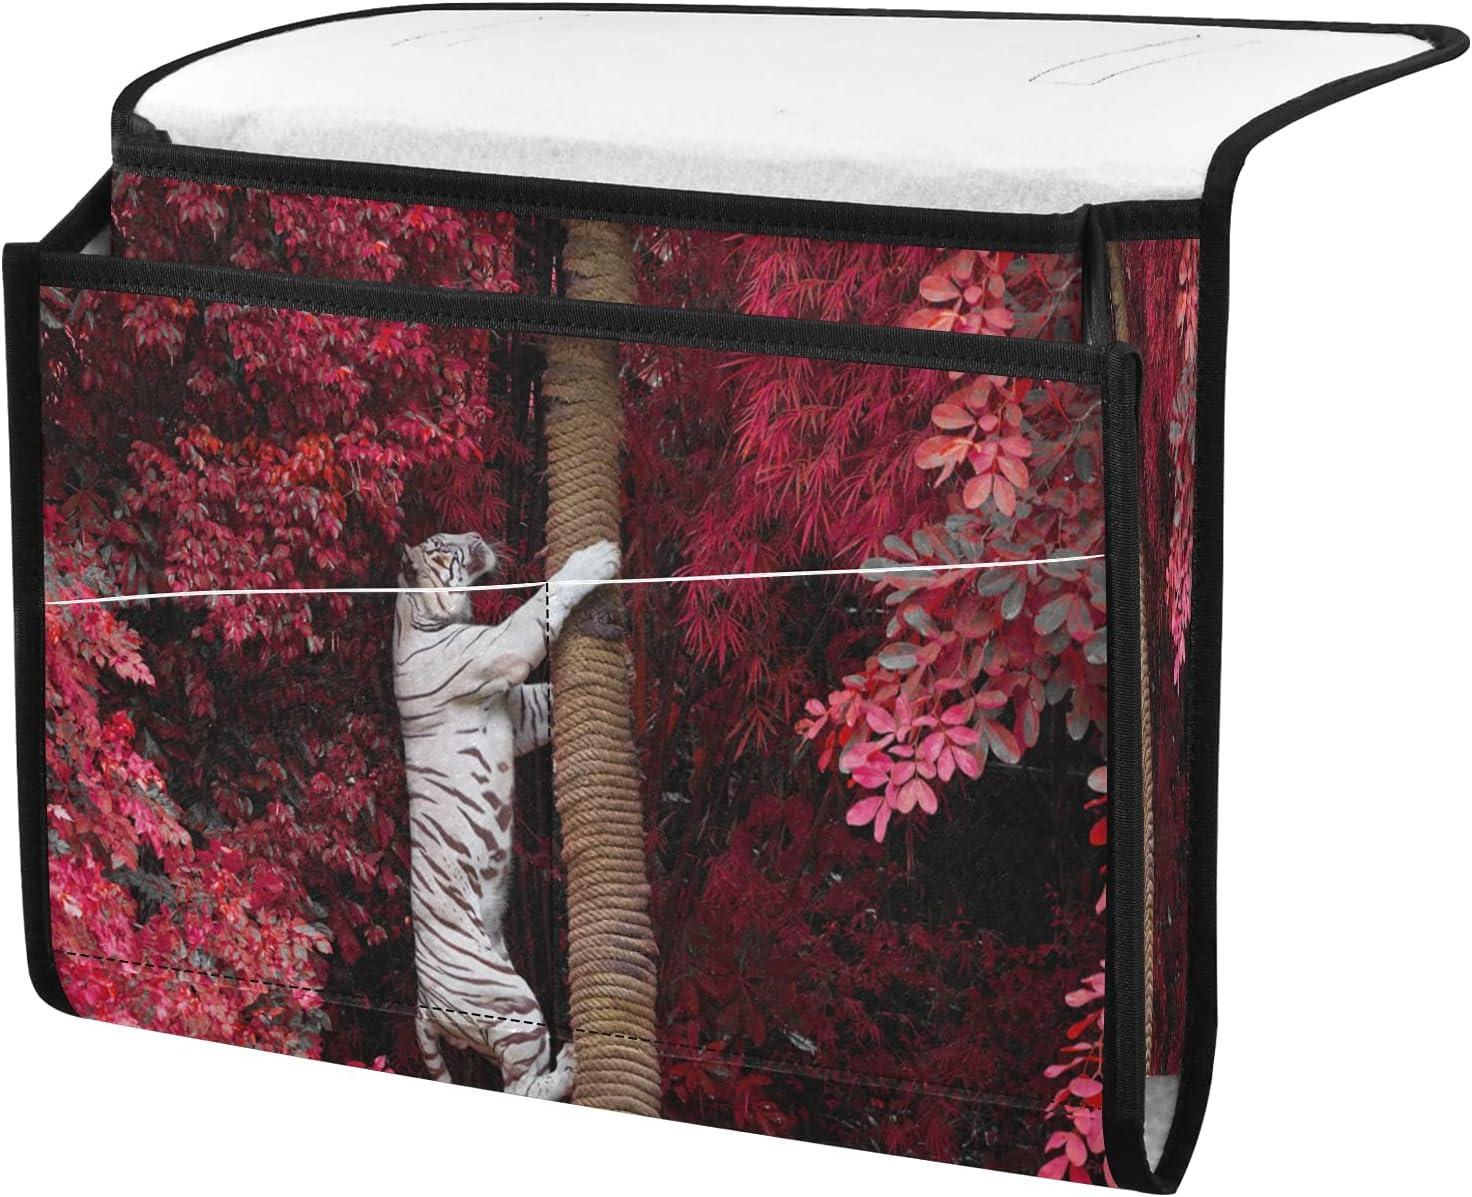 senya Wild OFFicial shop White Tiger Climbing Tree Bedside Dealing full price reduction Organizer Storage B